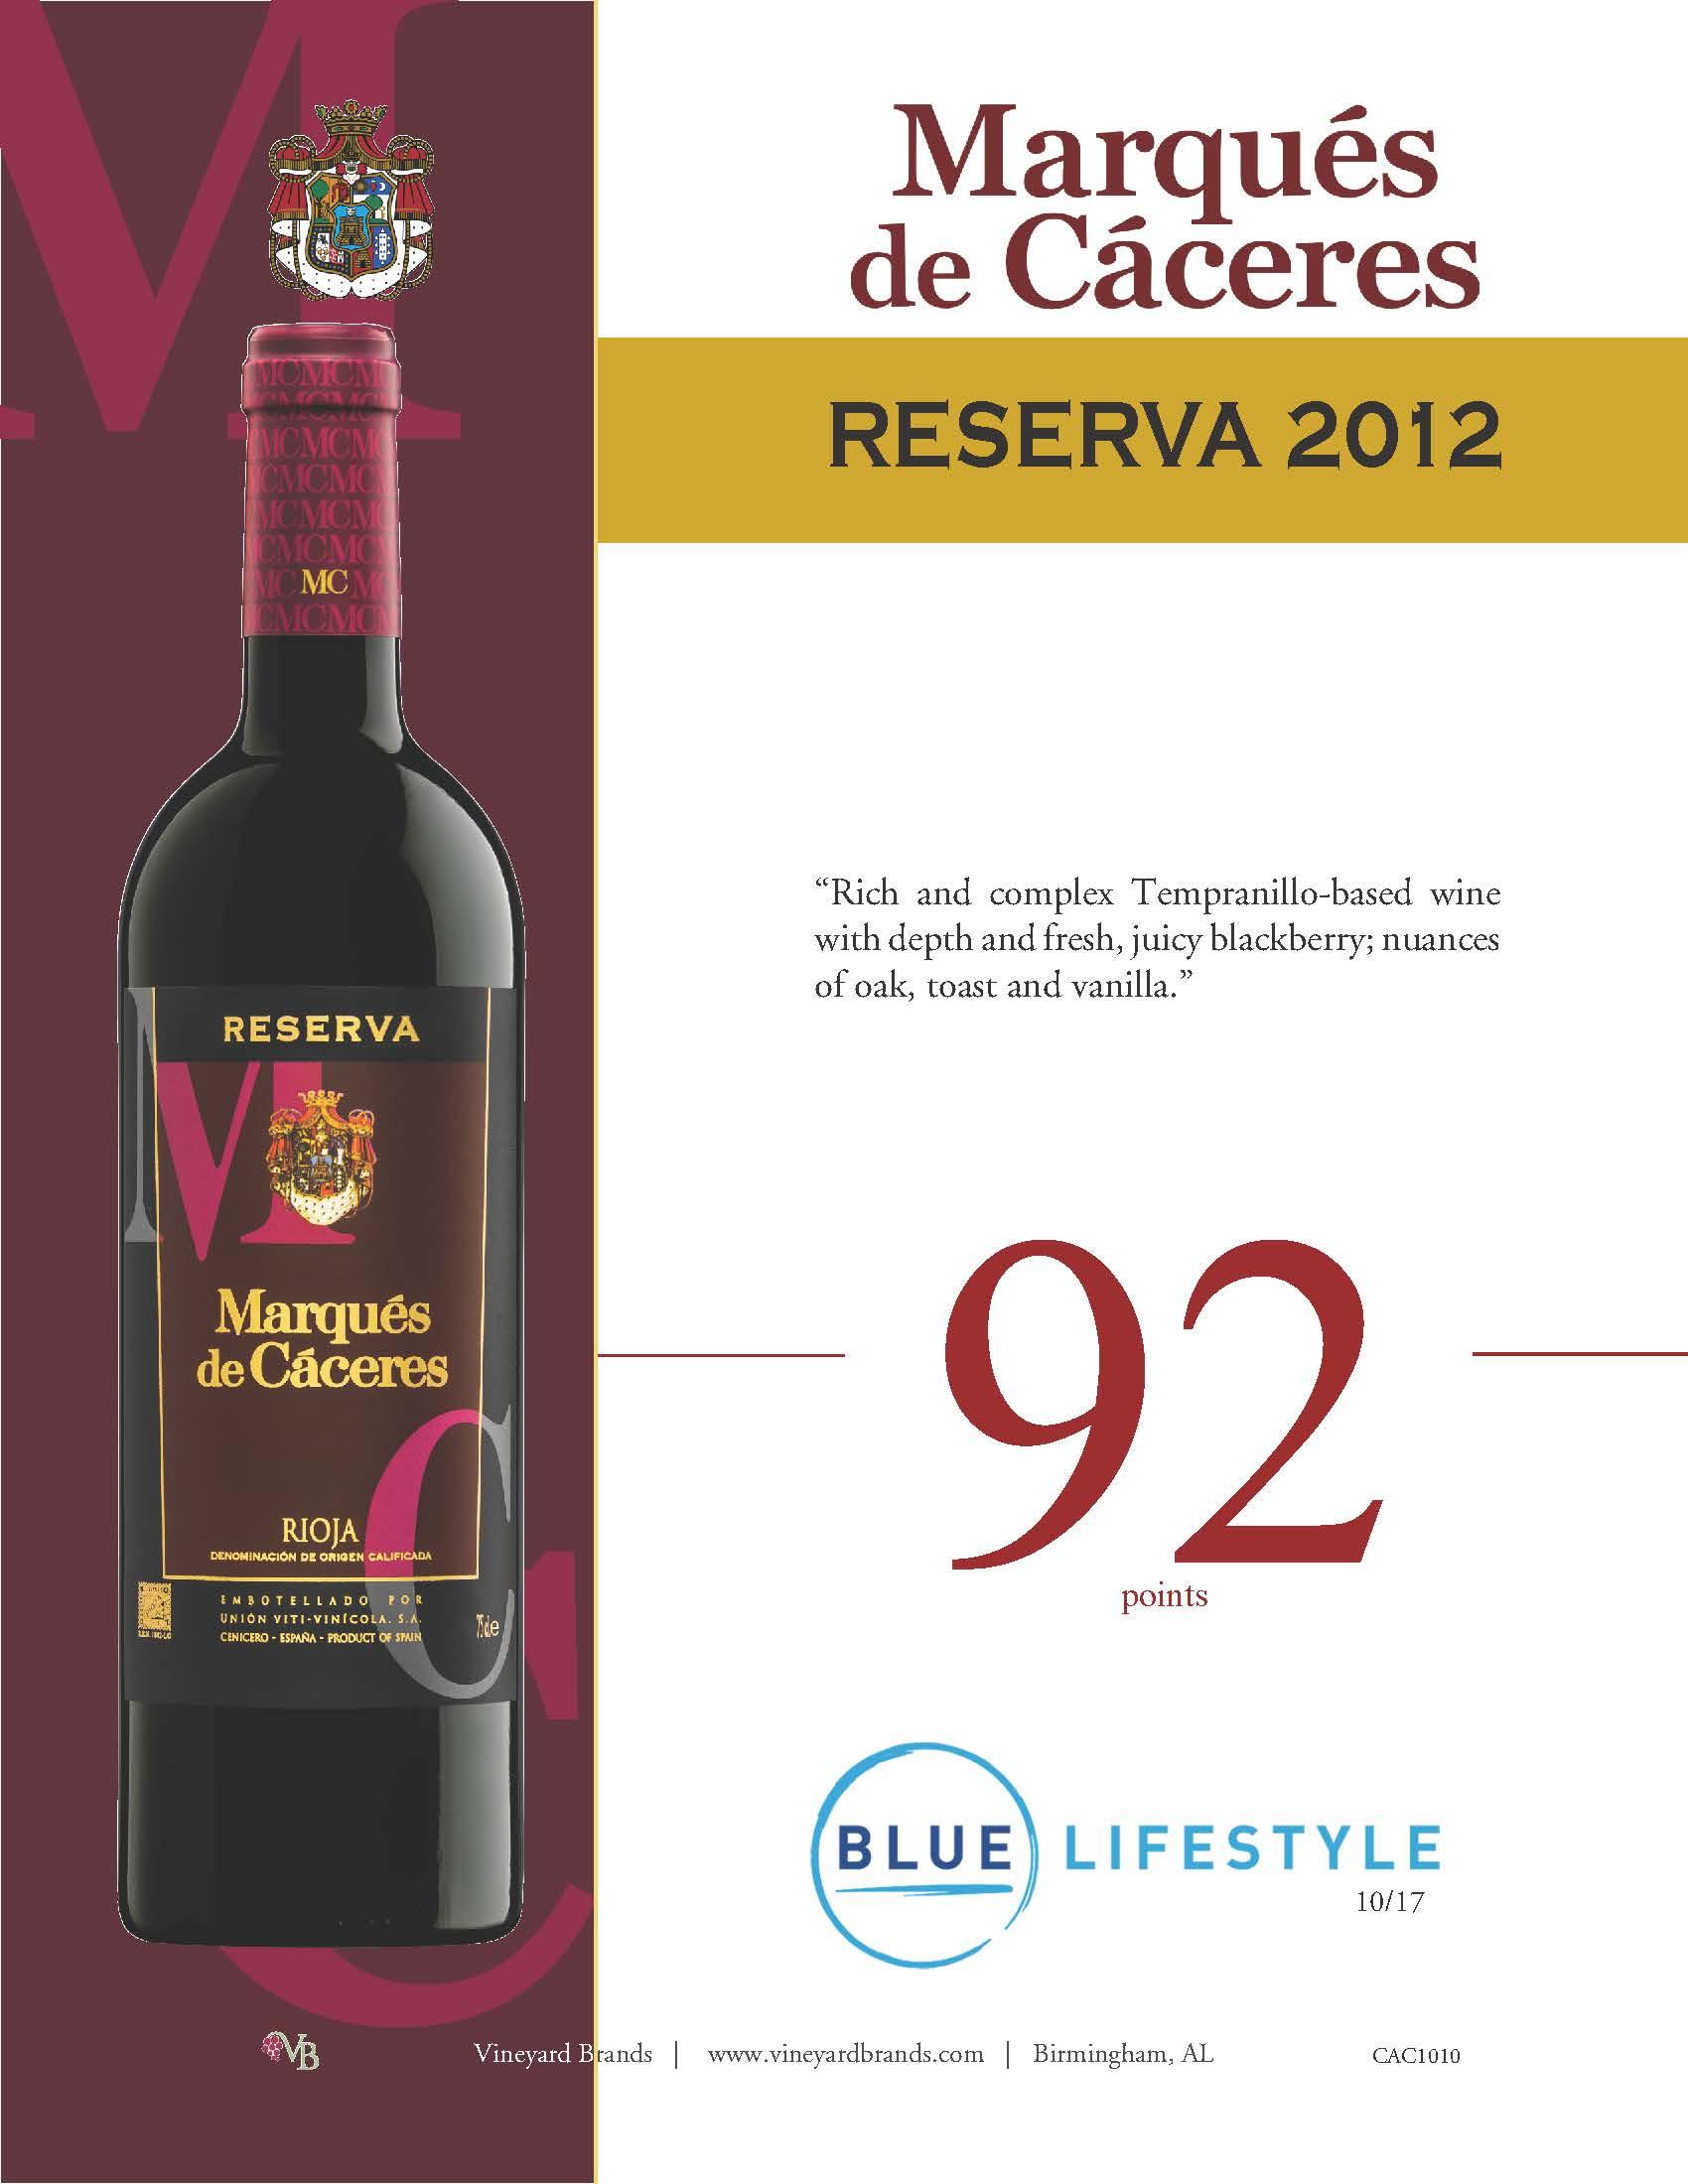 Marques de Caceres Reserva 2012.jpg